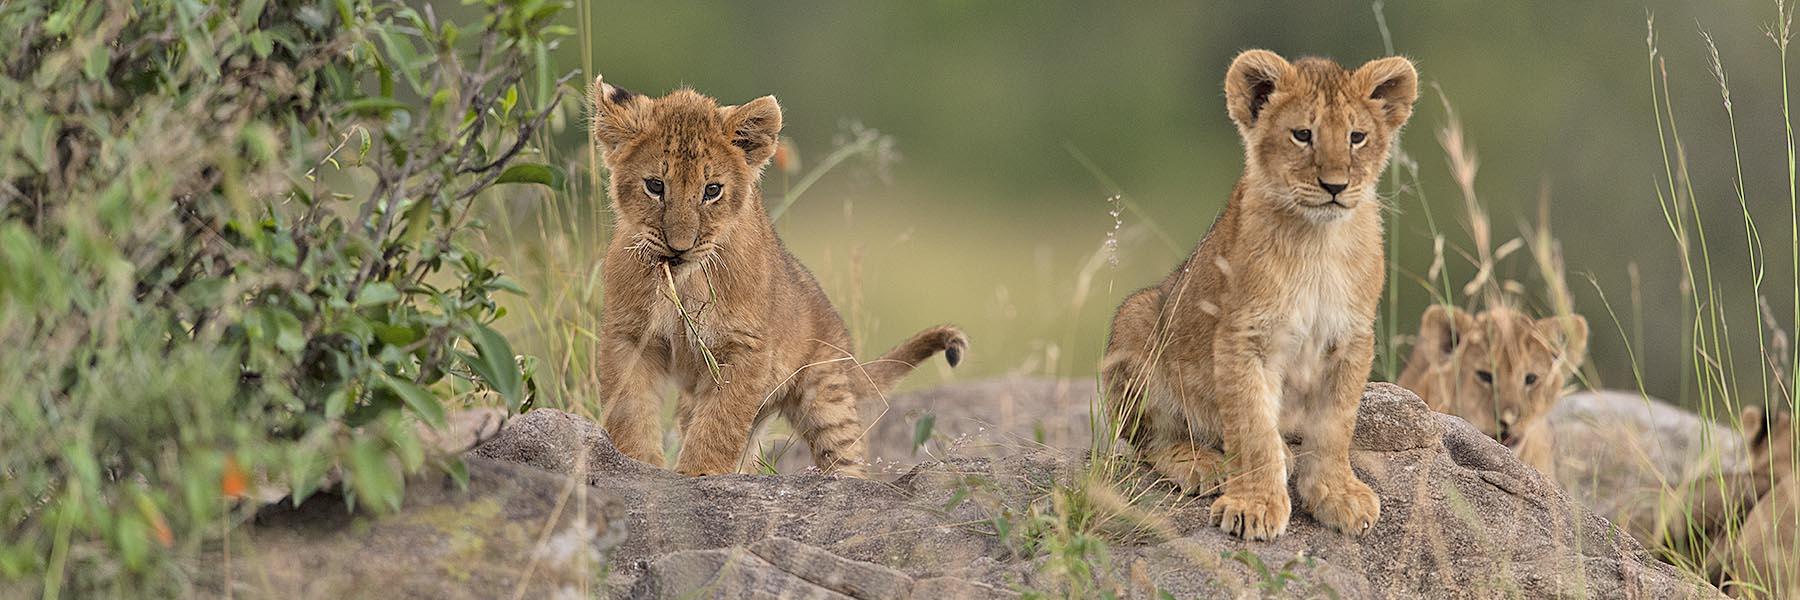 Luxury Train and Wildlife